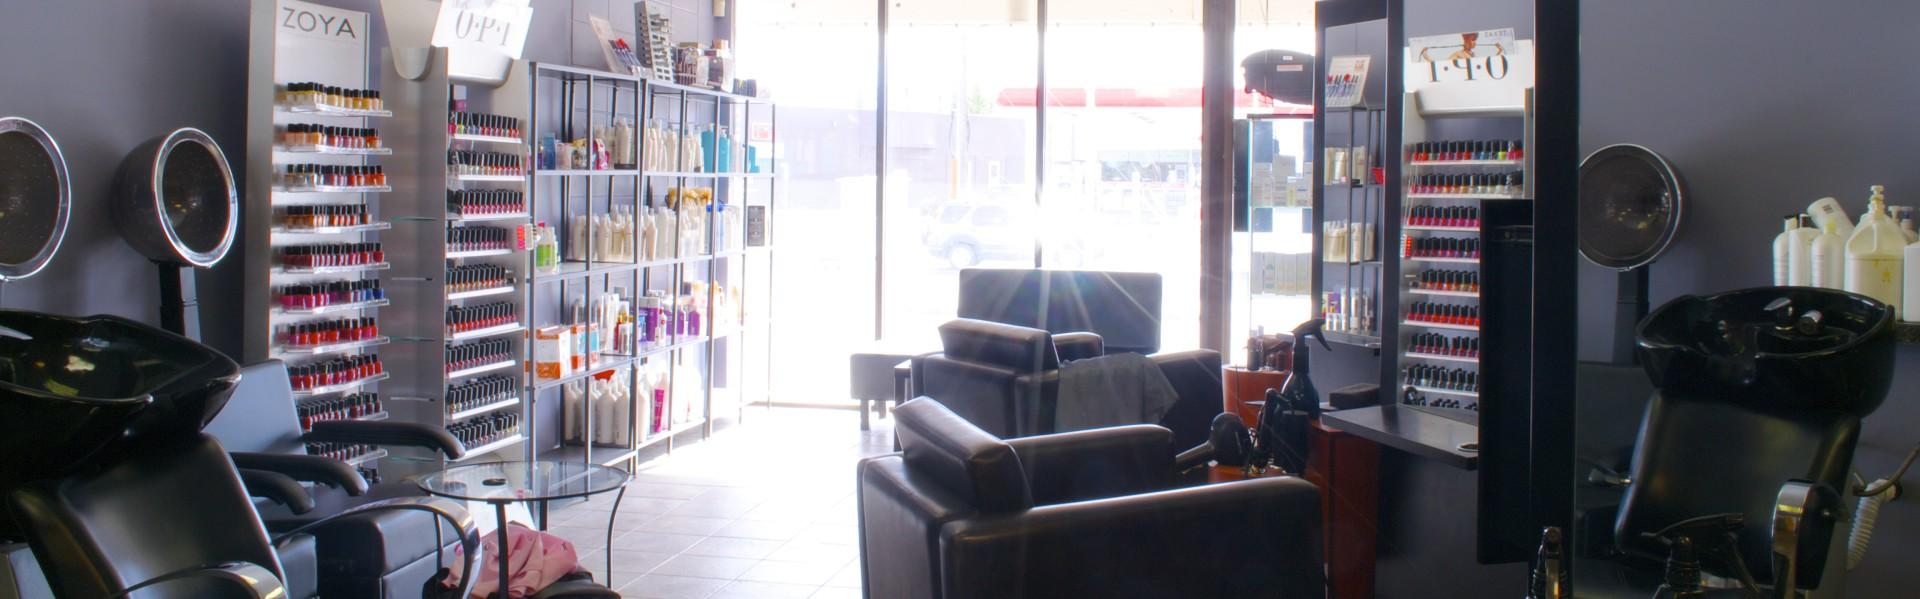 Trucco Salon